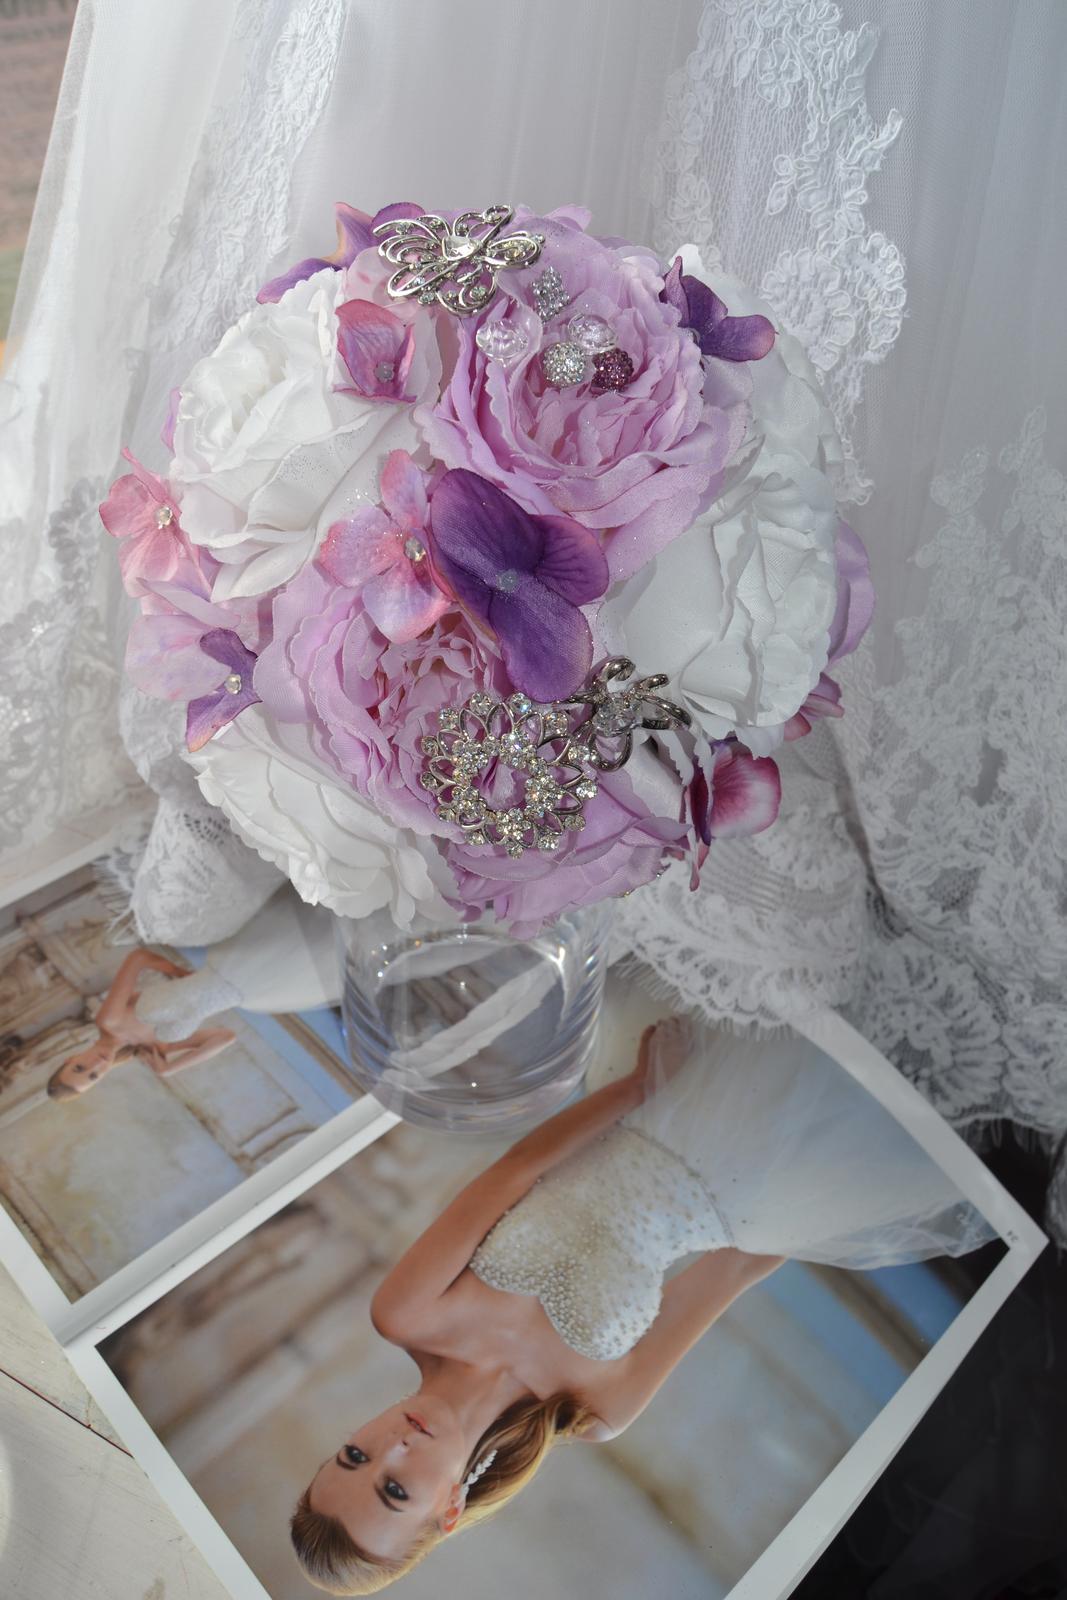 Látkové umělé svatební kytice-info - Obrázek č. 6